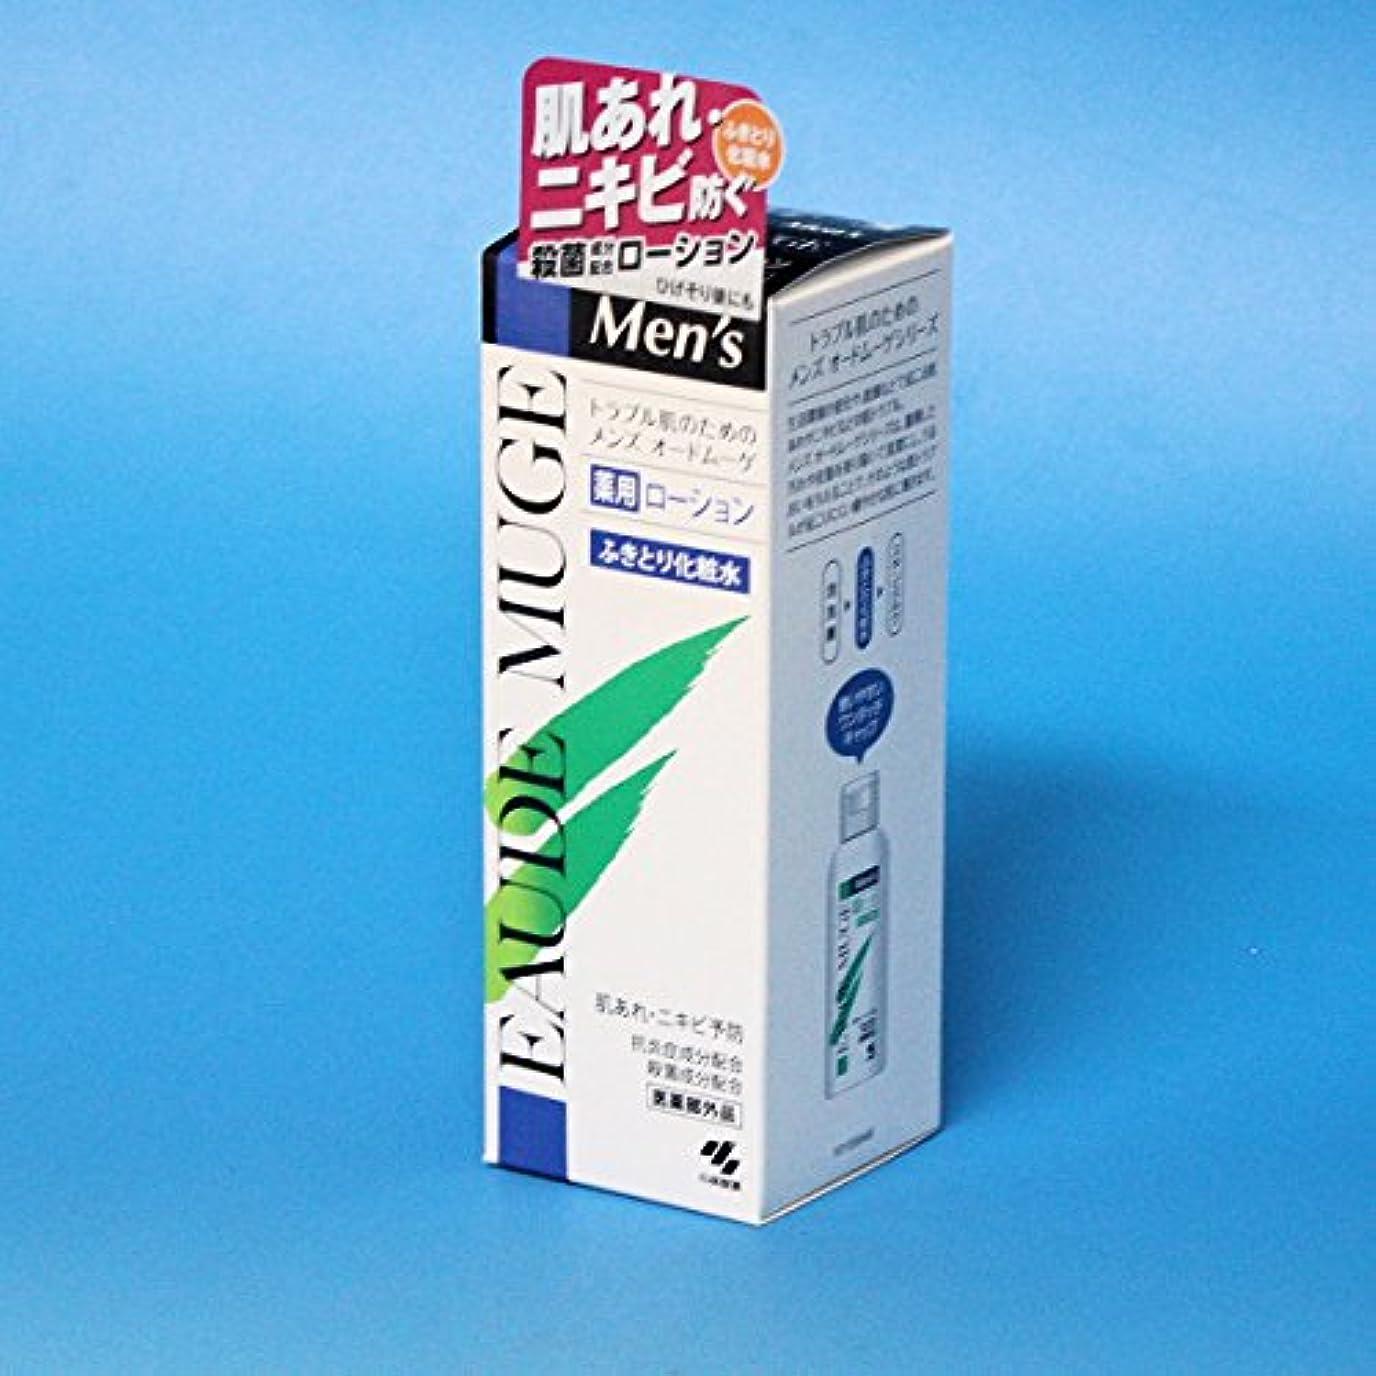 代理人レビュースポーツの試合を担当している人メンズ オードムーゲ薬用ローション ふき取り化粧水 160ml